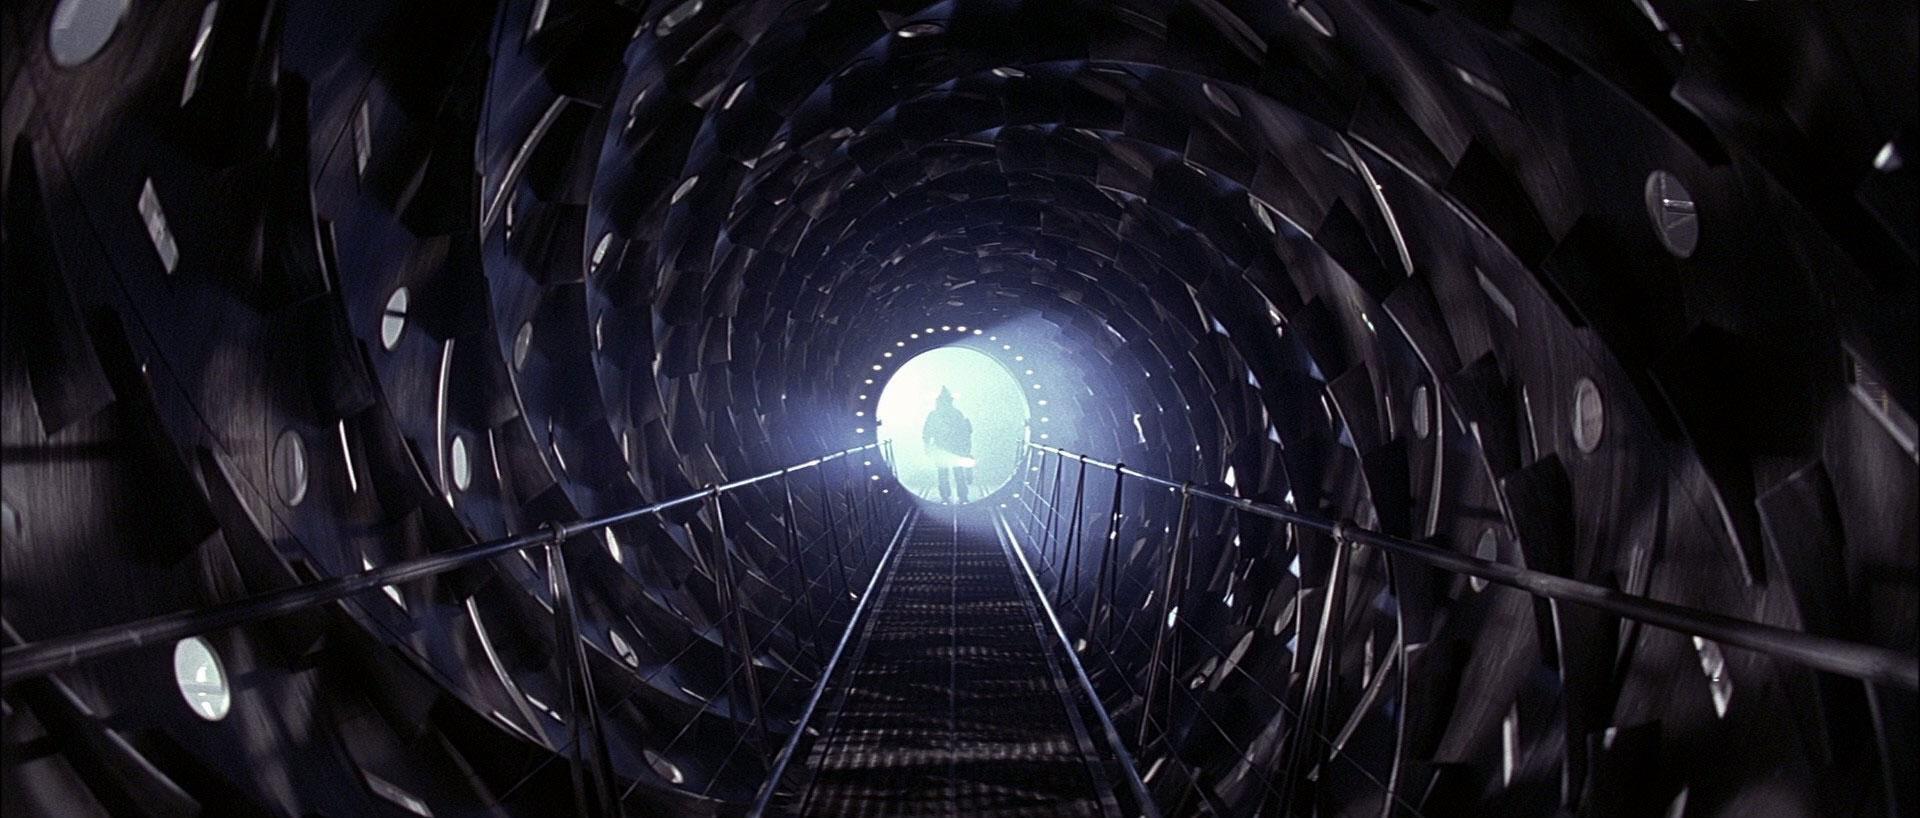 Event Horizon filmini hala izlemediyseniz lütfen önünüzdeki masaya kafa atın. Hak ettiniz.